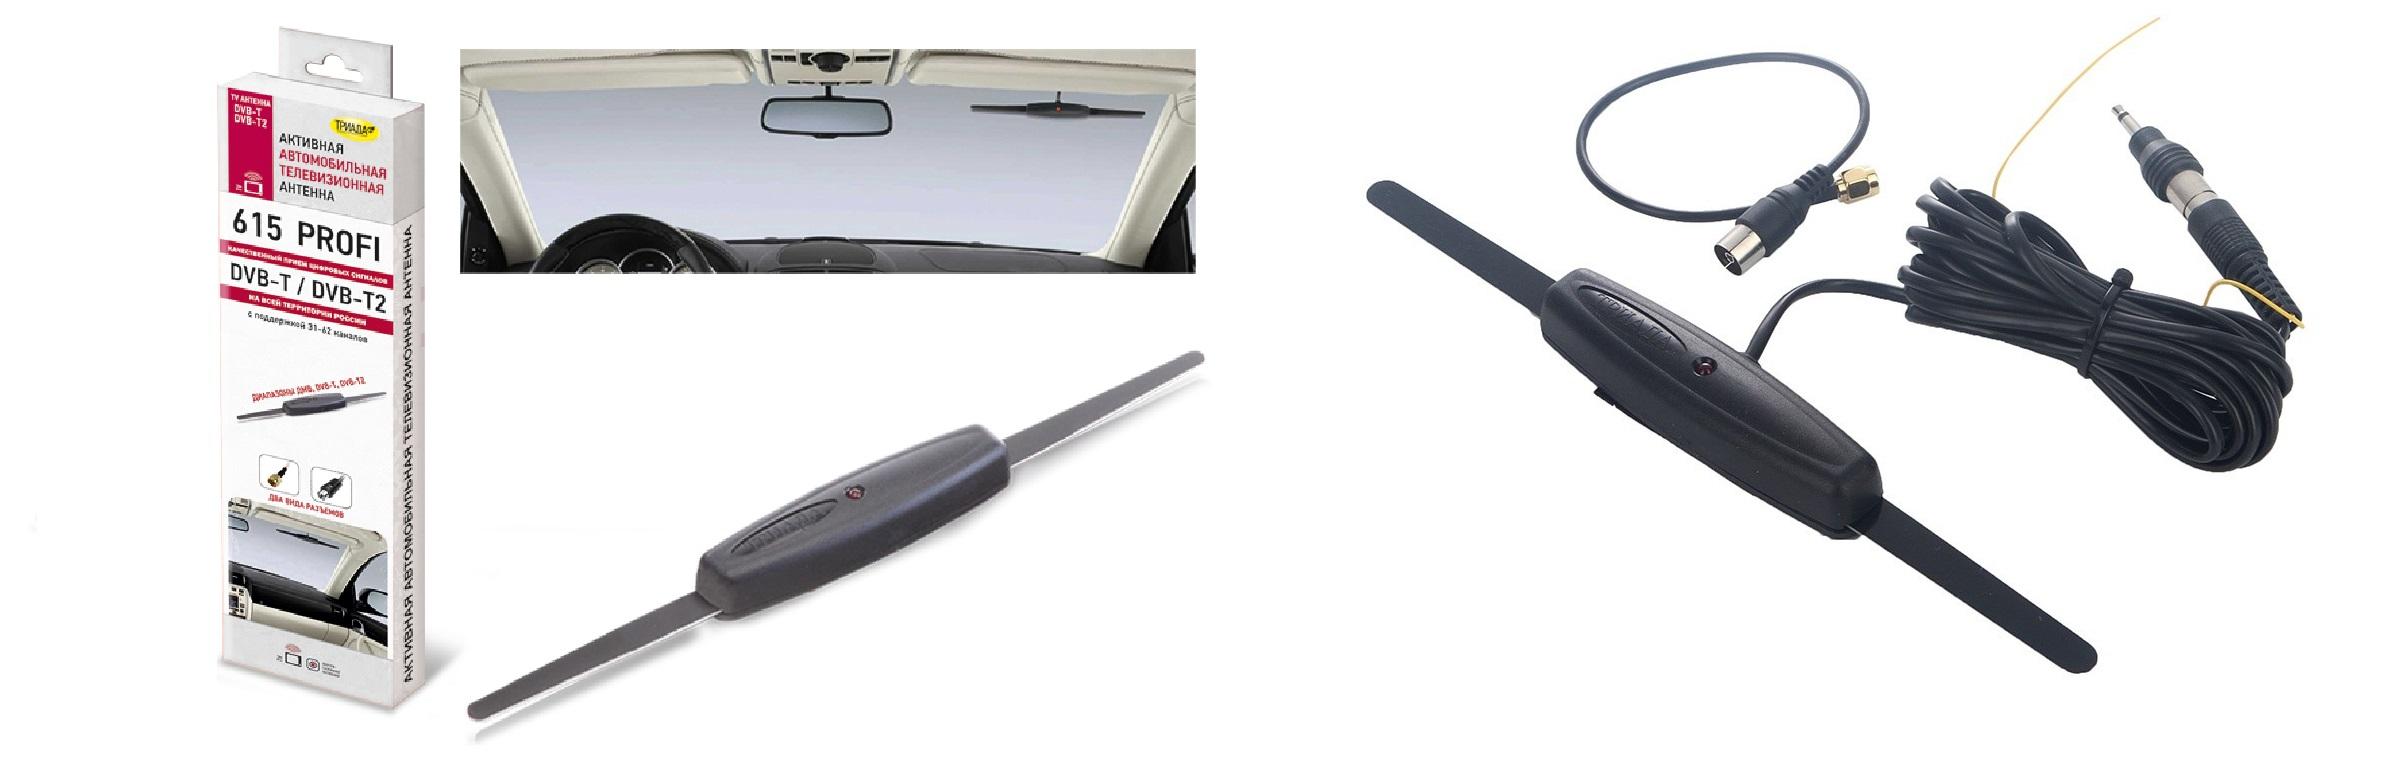 Лучшая автомобильная антенна Триада-190